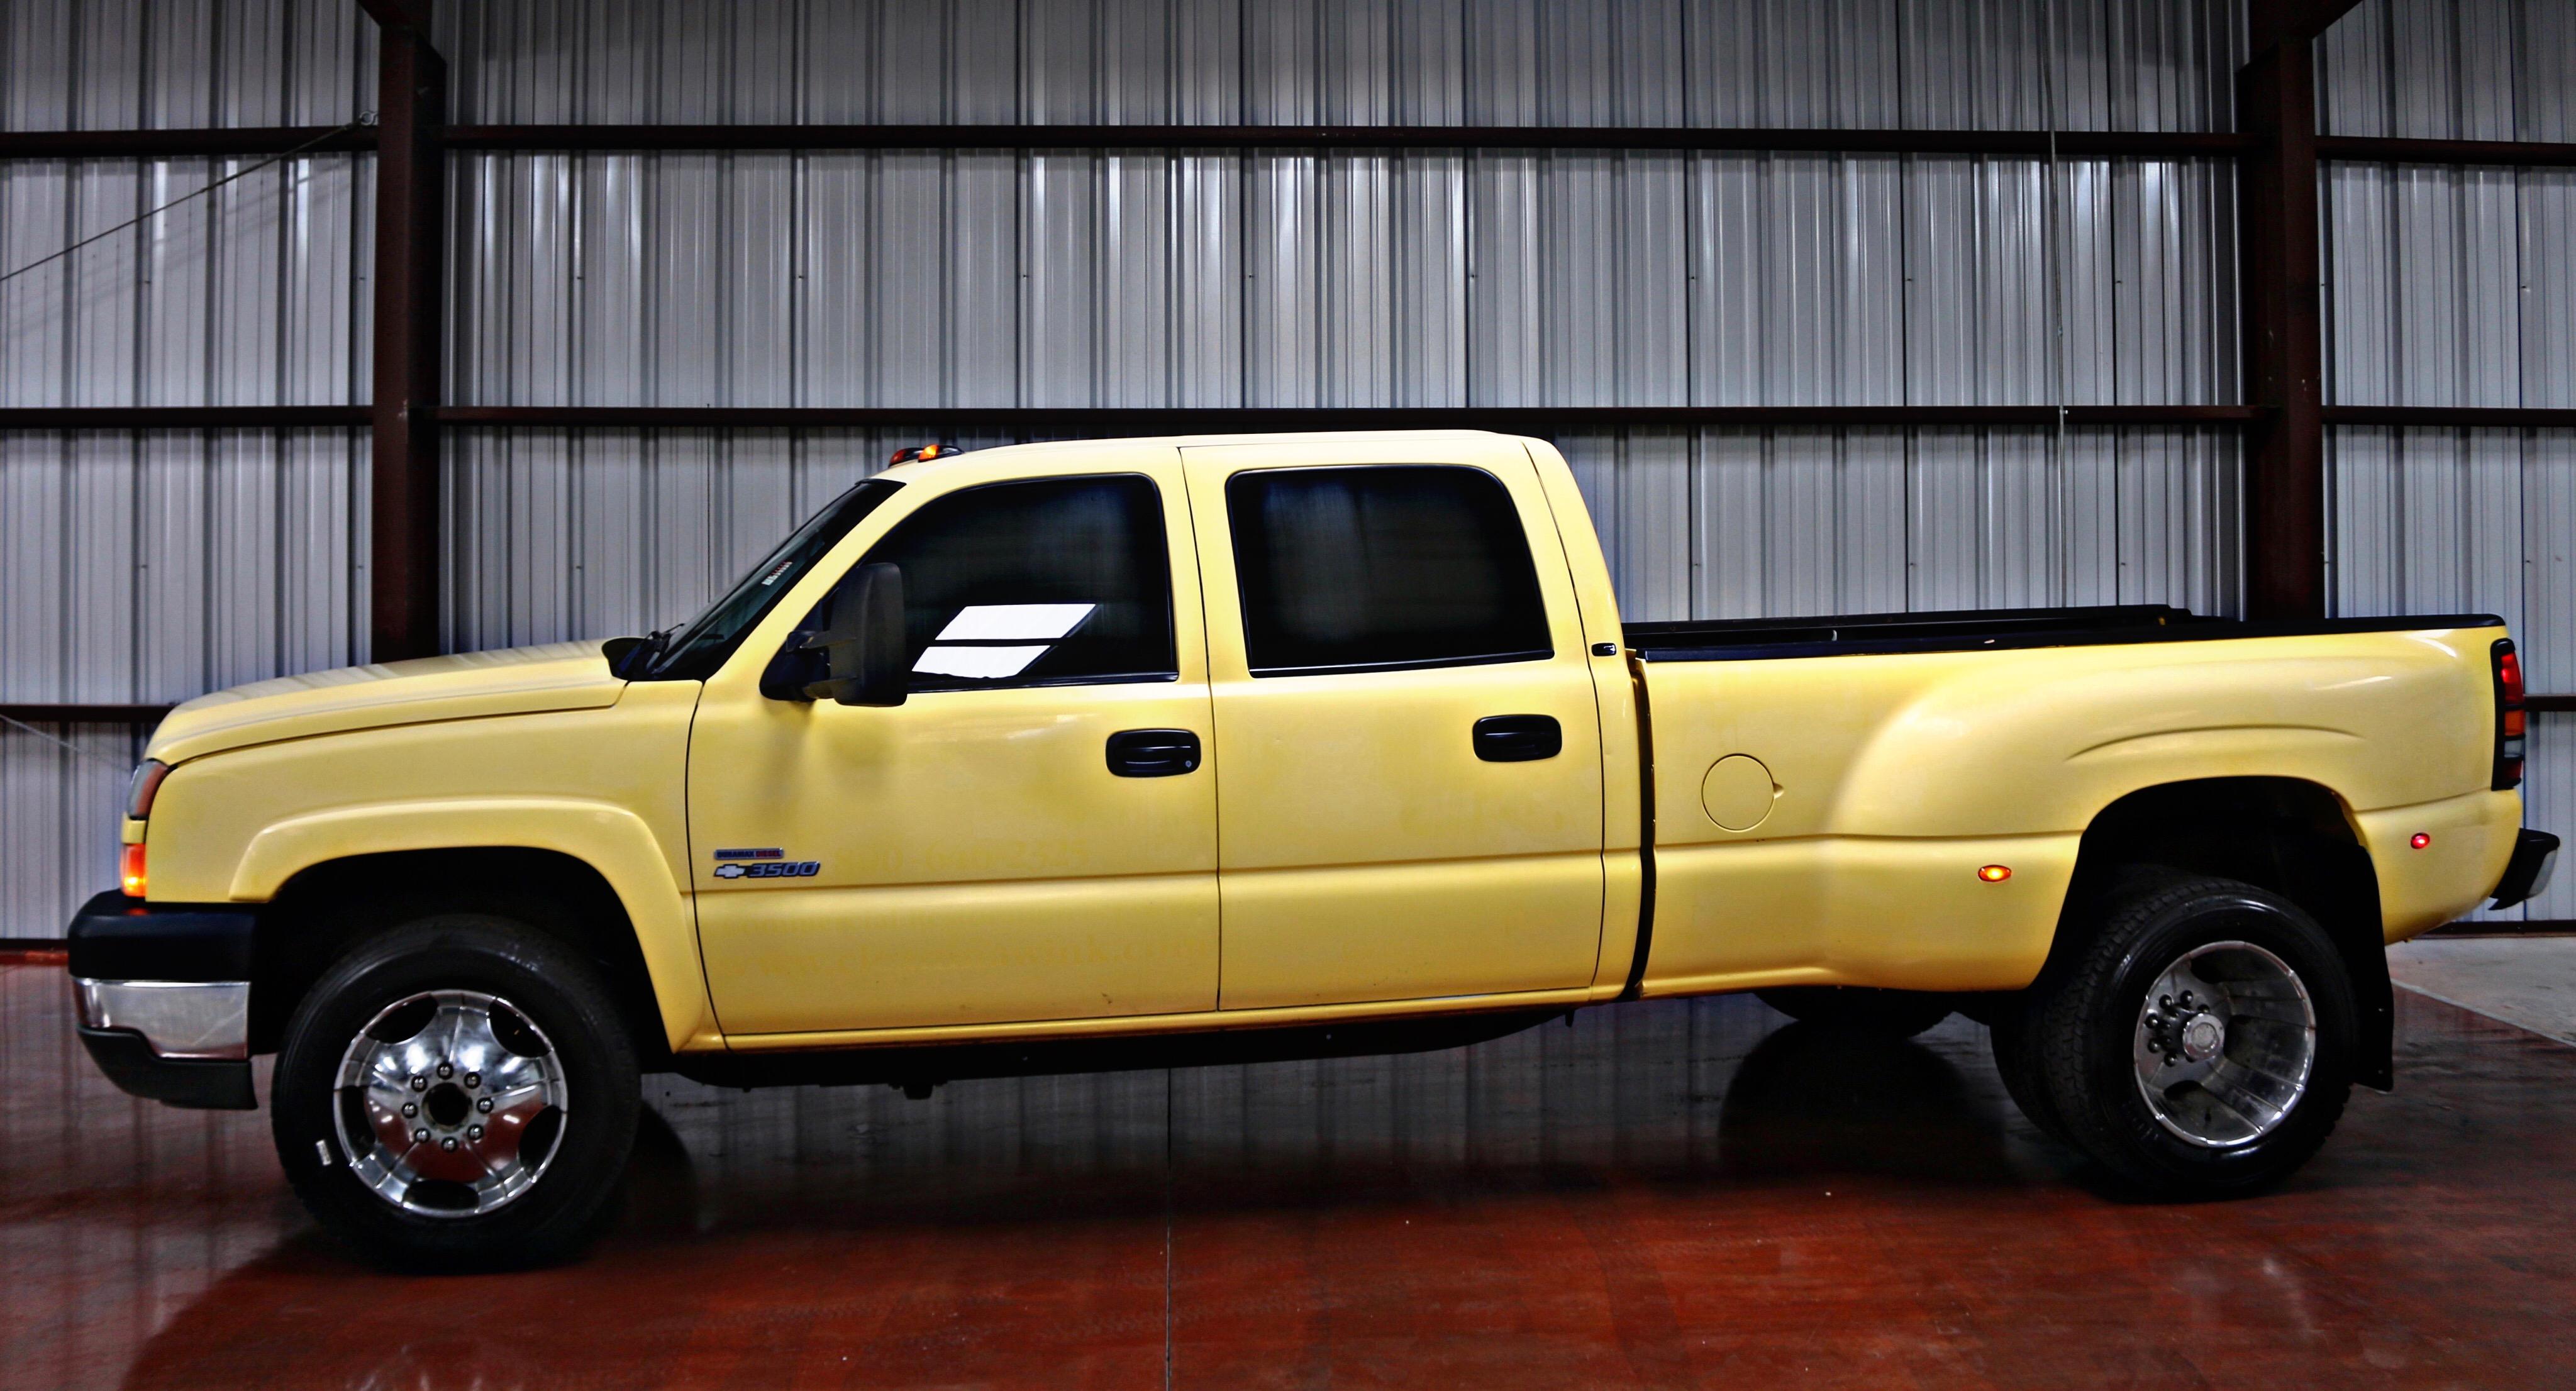 Used 2005 Chevrolet Silverado 3500